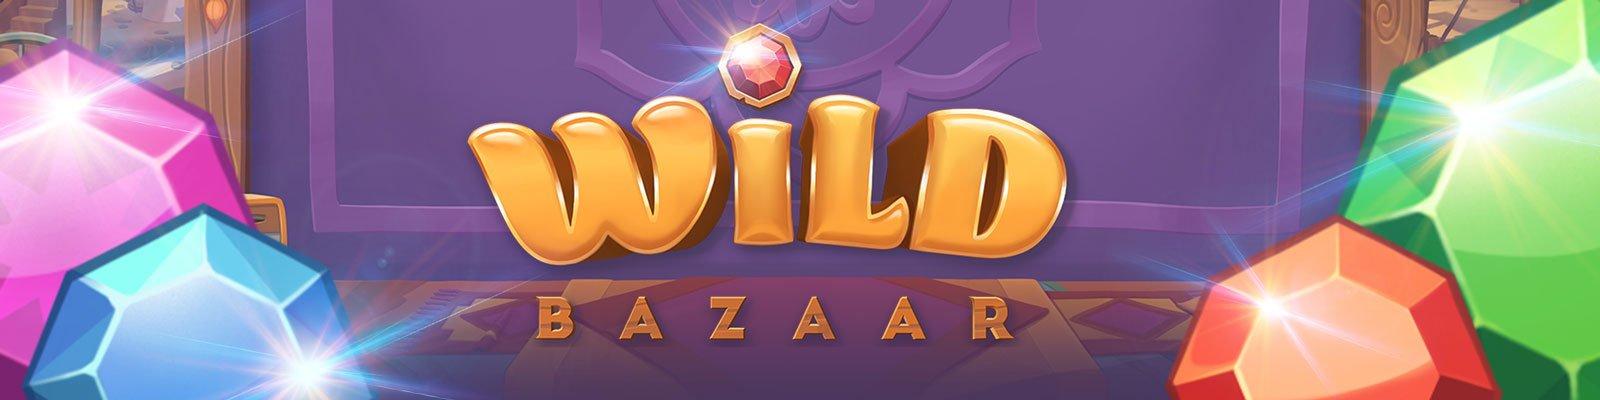 Wild Bazaar